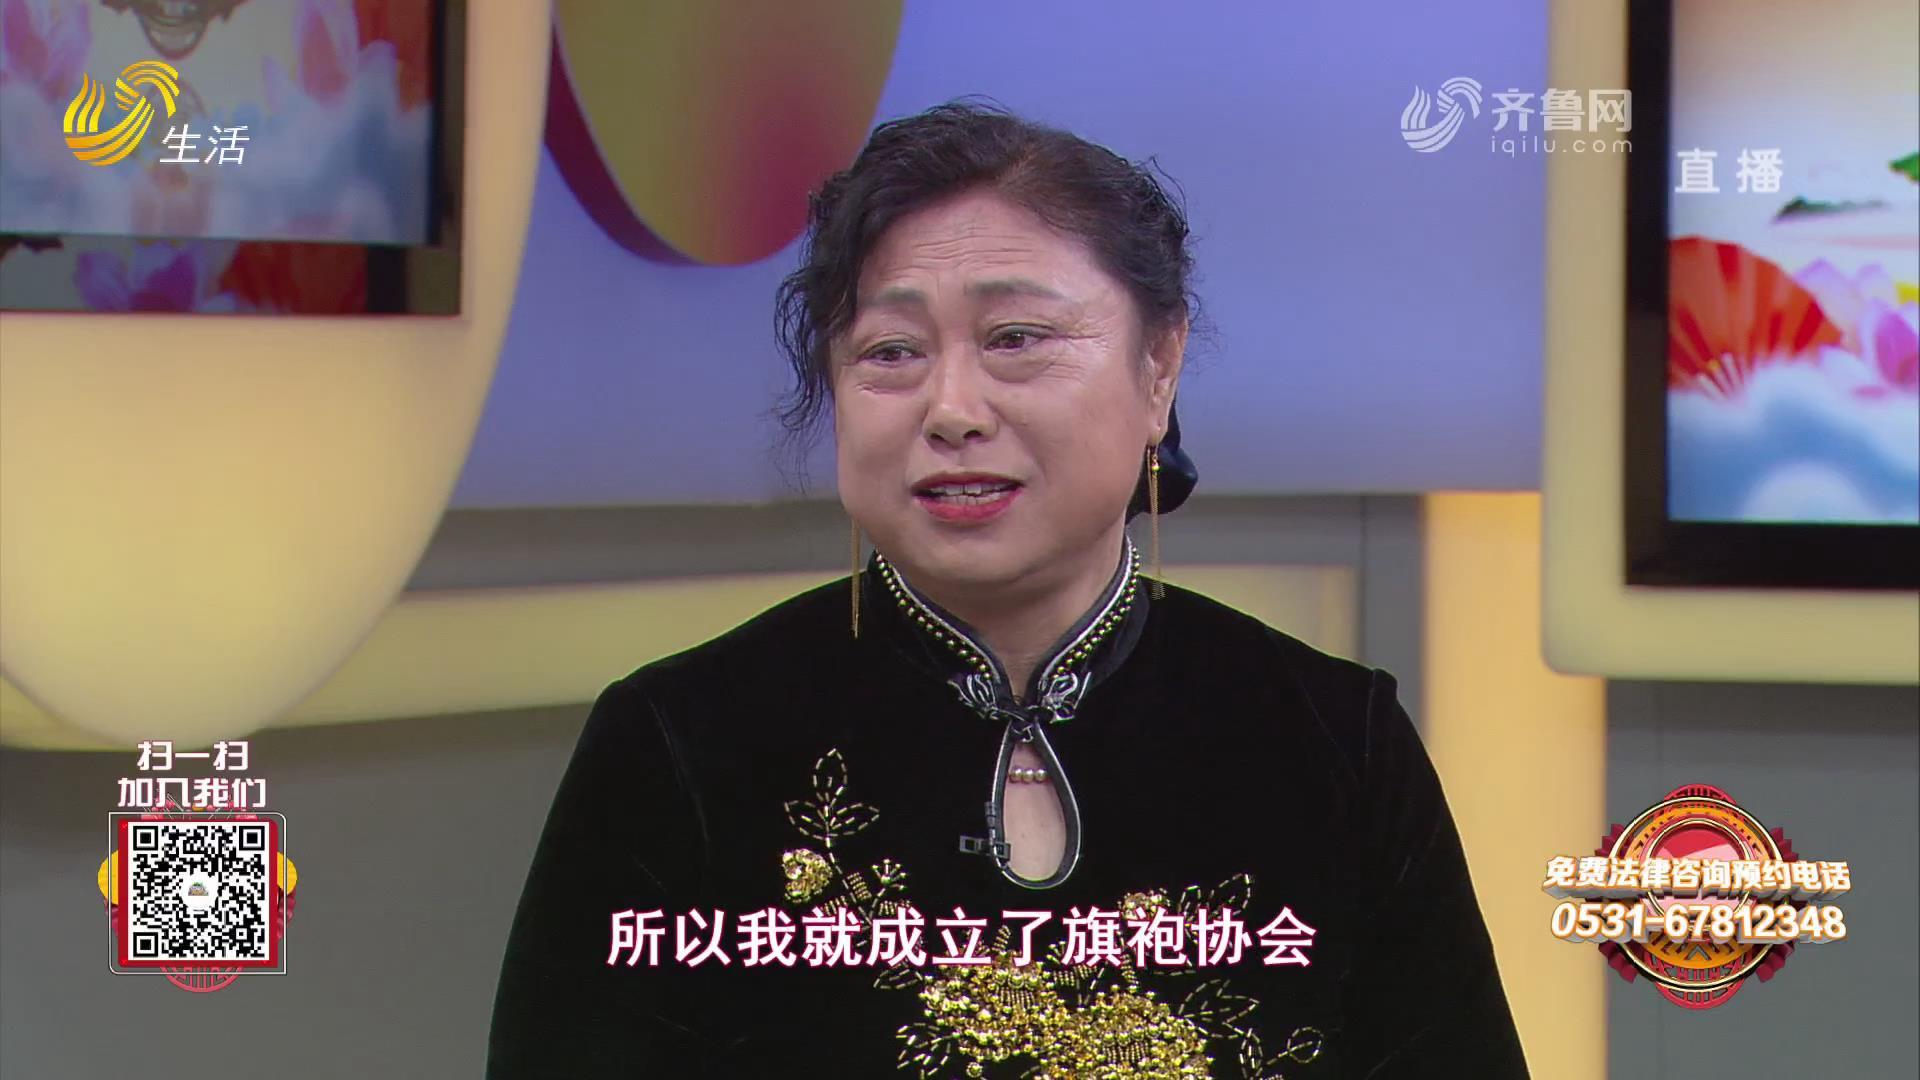 中國式養老-走出健康 走出快樂的知心大姐